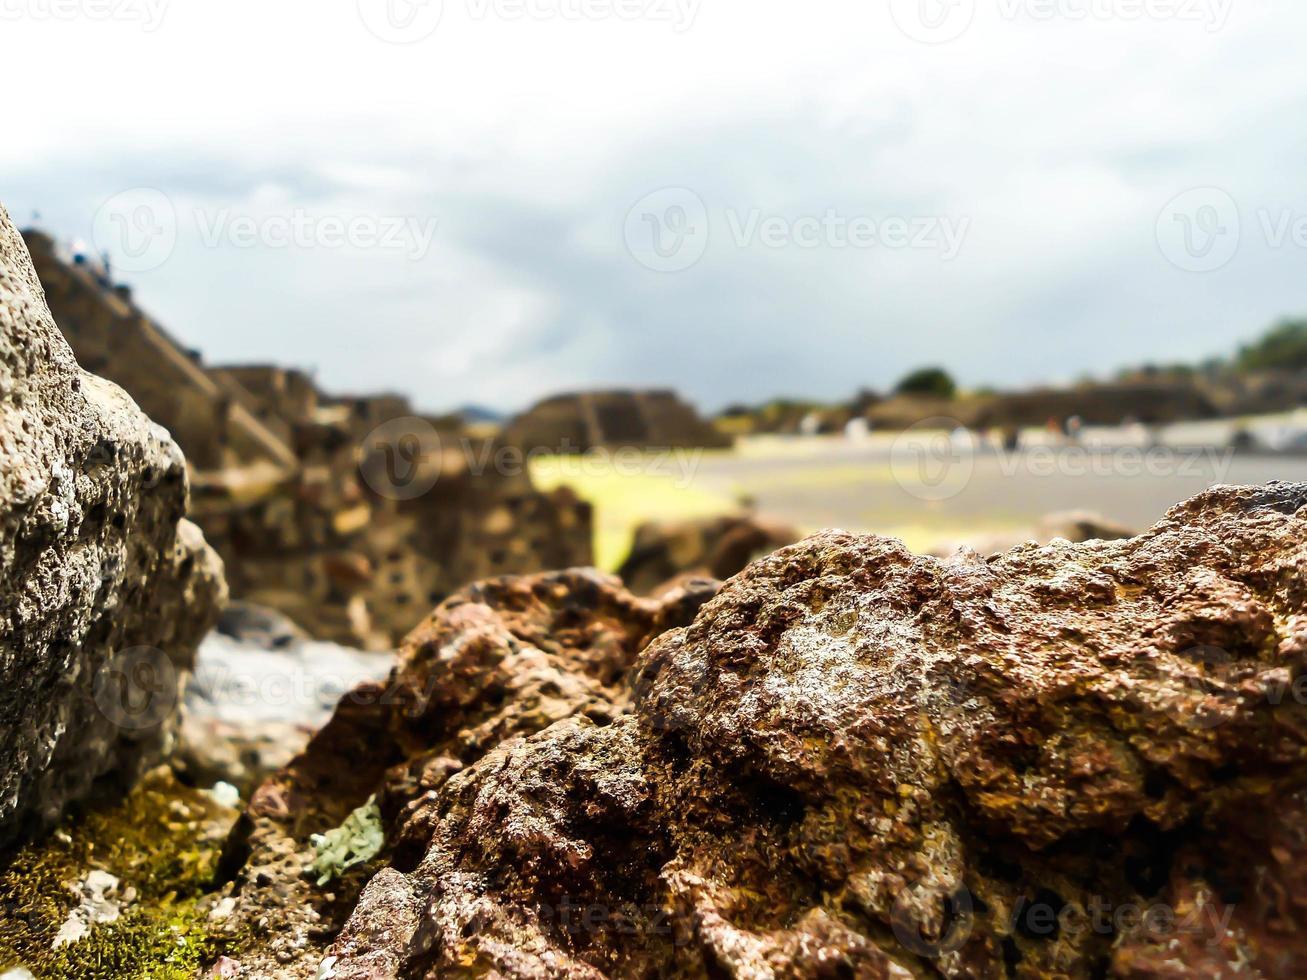 Mexicaanse prehispanic vulkanisch gesteente foto